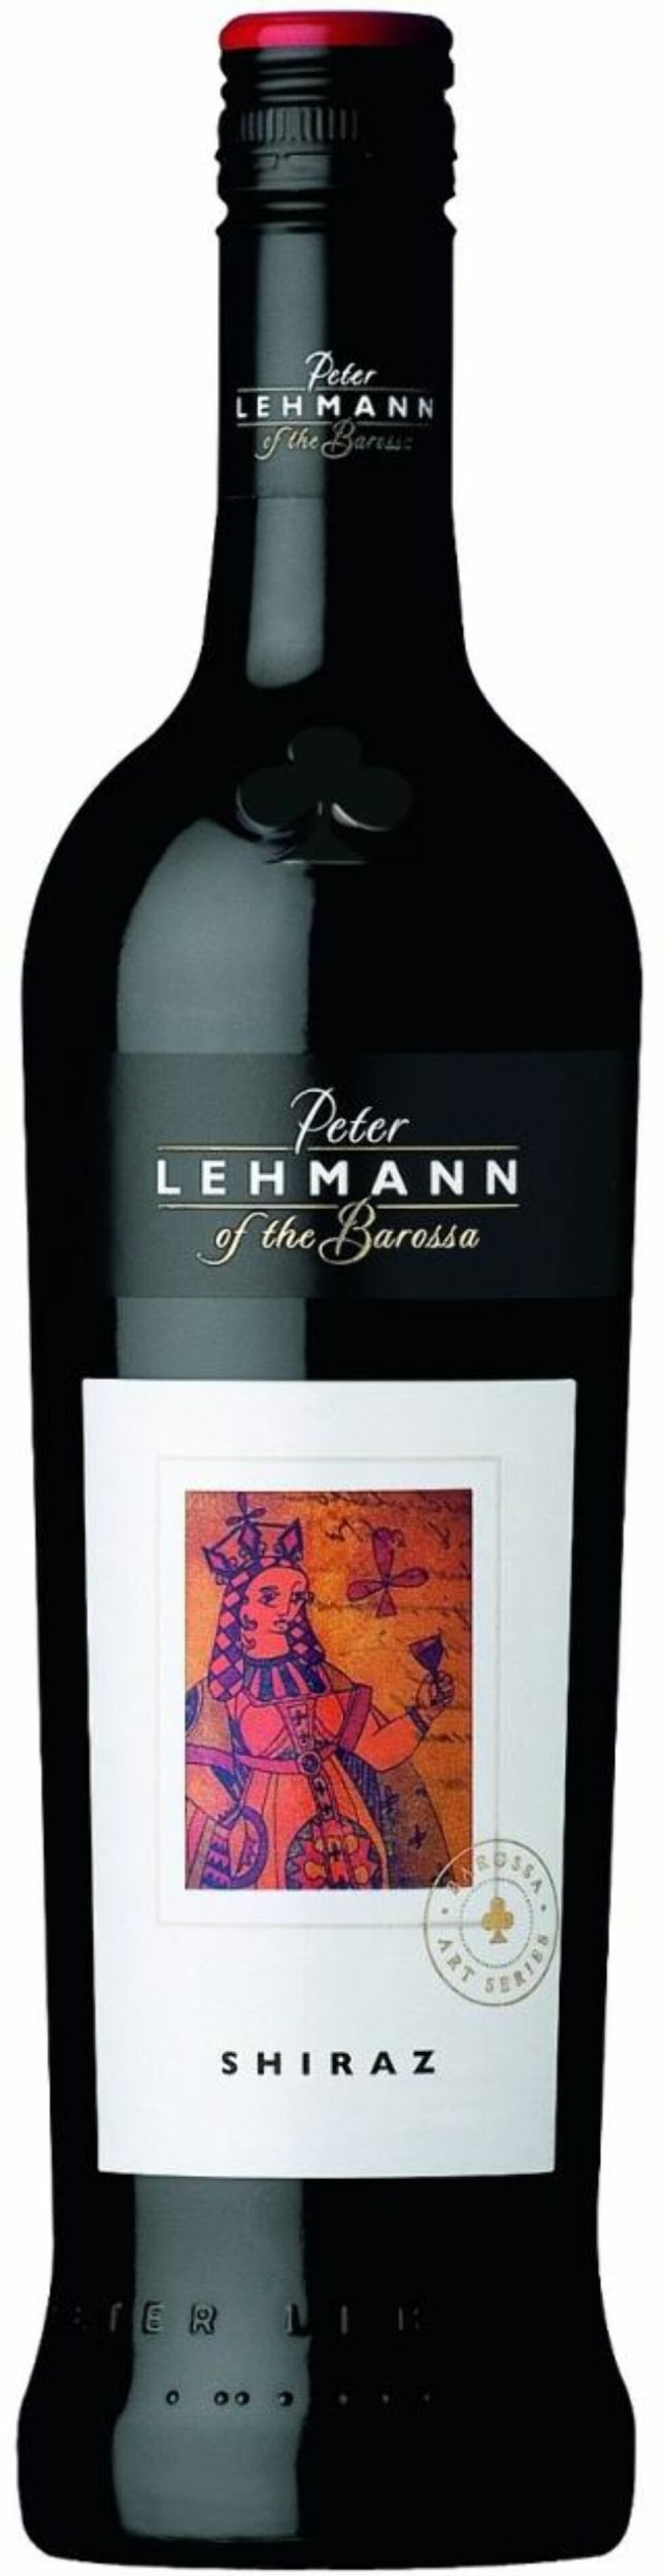 SEKSER TIL 120 KRONER: Peter Lehmann Barossa Shiraz 2007 smaker bra, kan gjerne lagres og er ypperlig til mat.